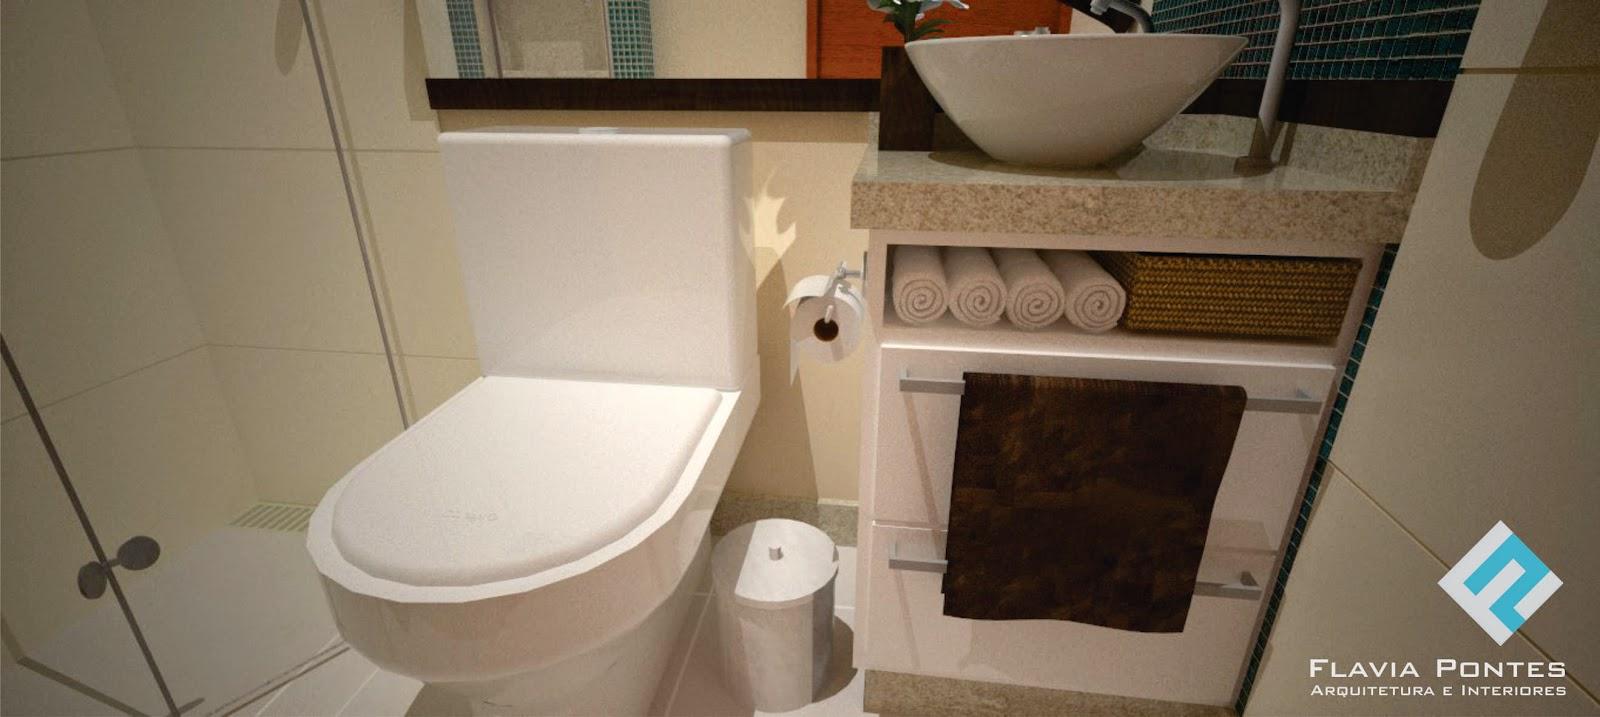 Flavia Pontes Arquitetura Fevereiro 2015 -> Nicho Banheiro Parede Estrutural